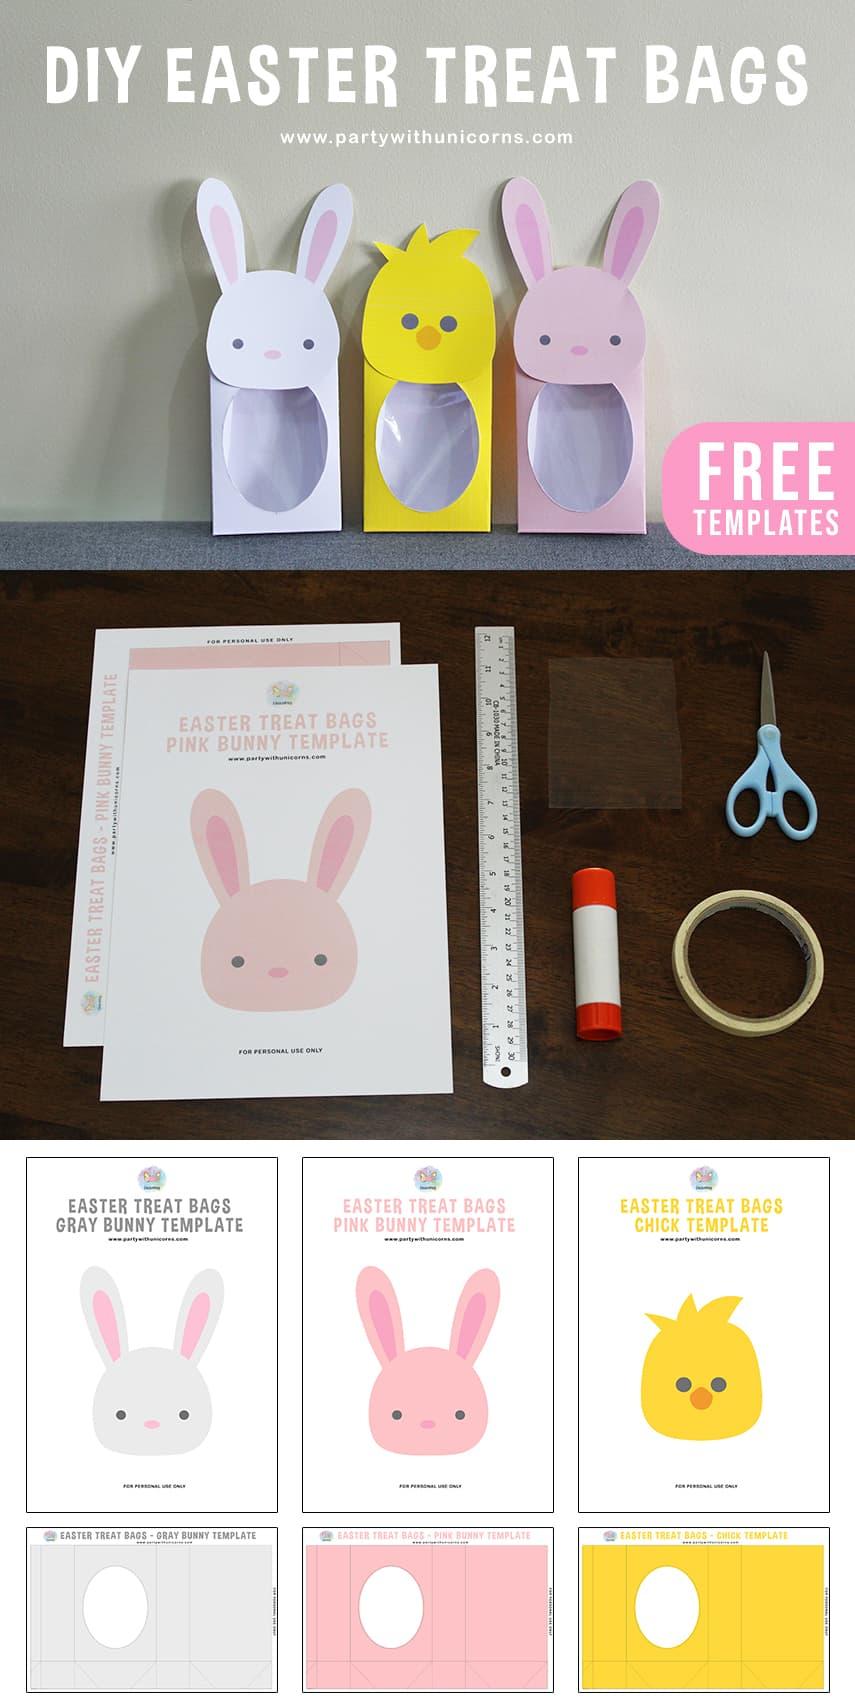 Easter Treat Bags Pinterest Tile Cover